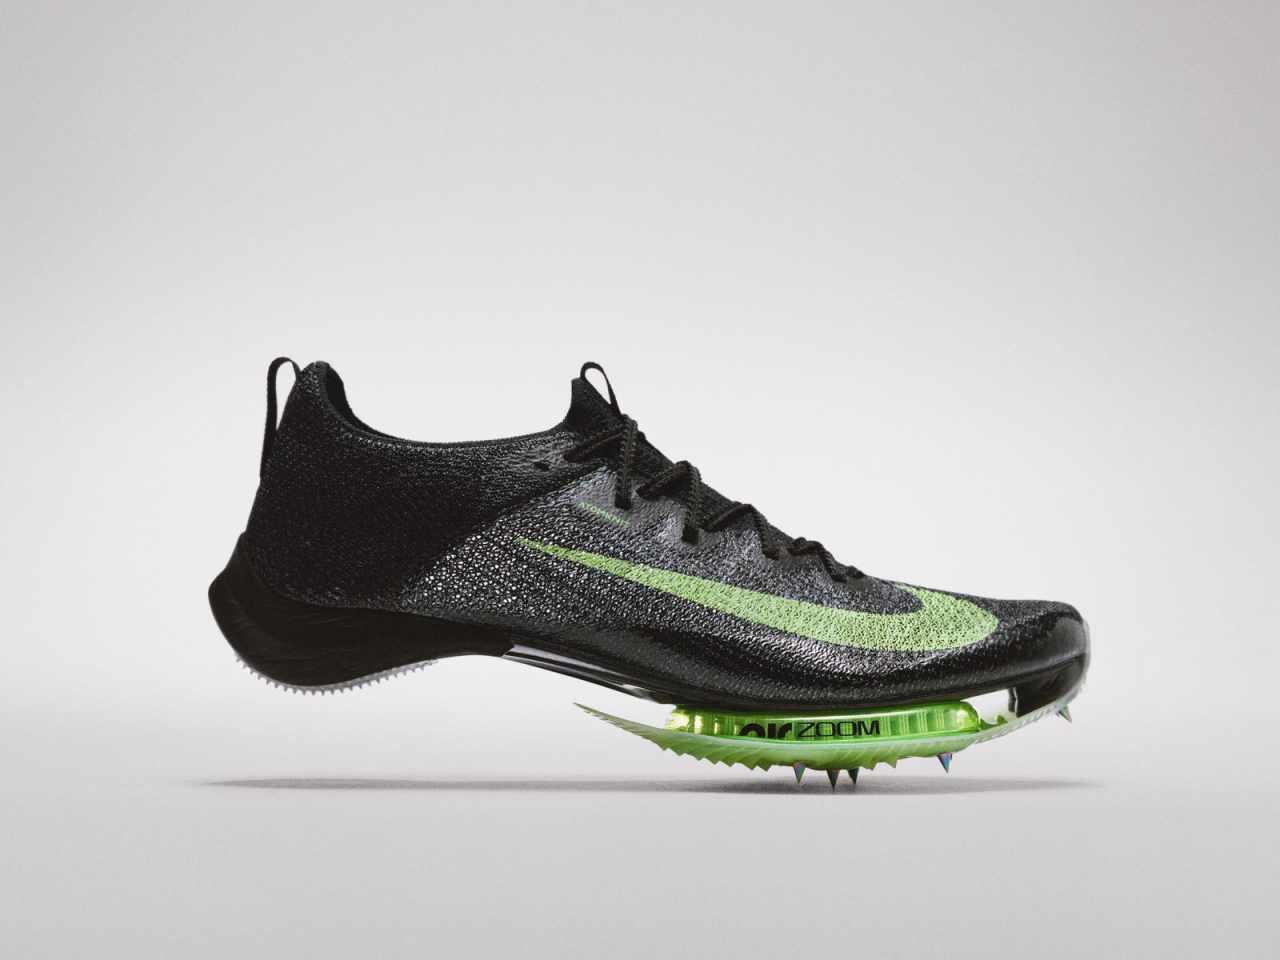 【朗報】ナイキさん、ガチですごいカーボン板バネ靴を発表 新規制にも対応wwwwww